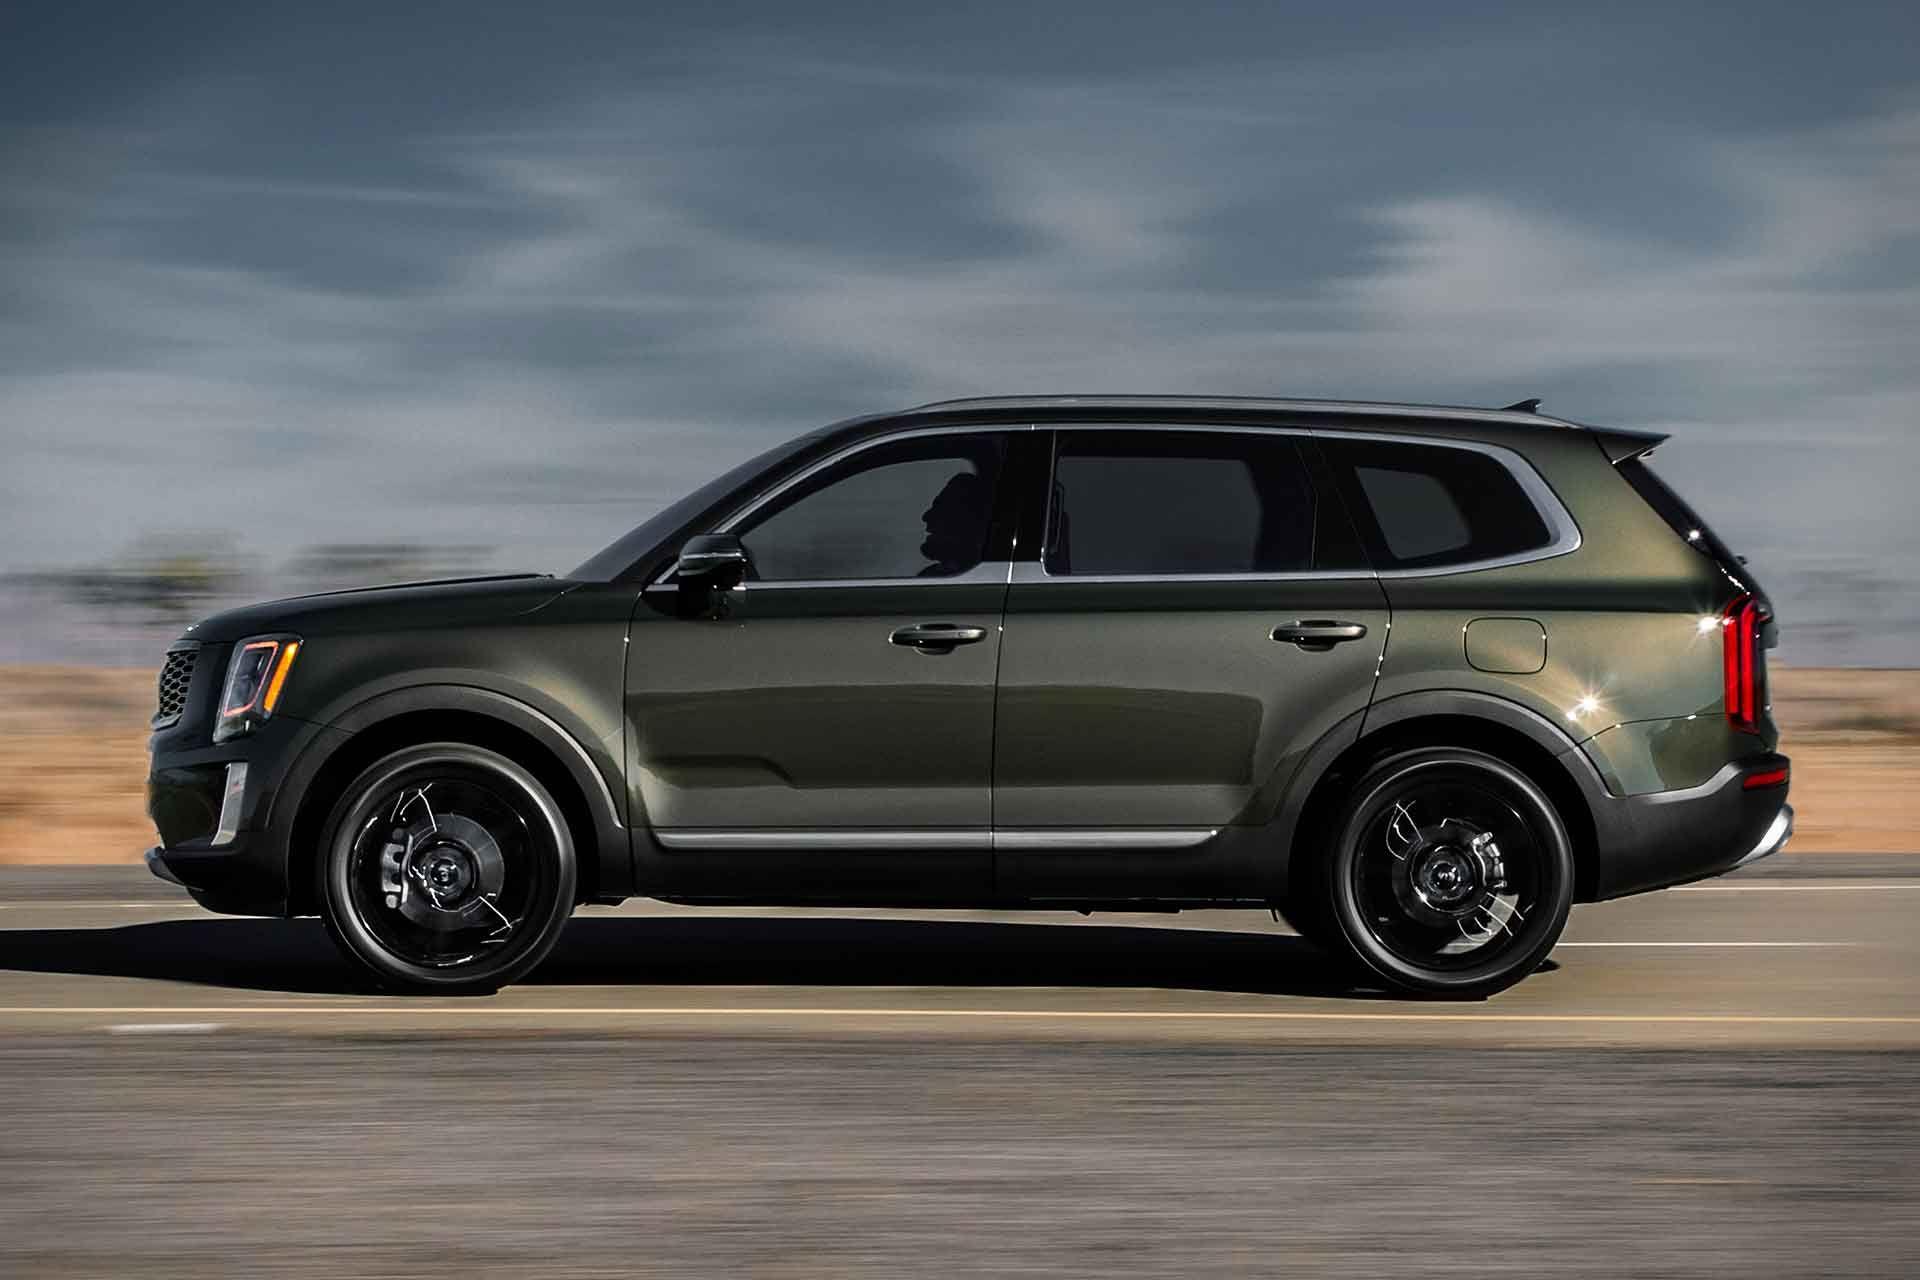 2020 Kia Telluride Suv Small Luxury Cars Suv Cars Sports Sedan